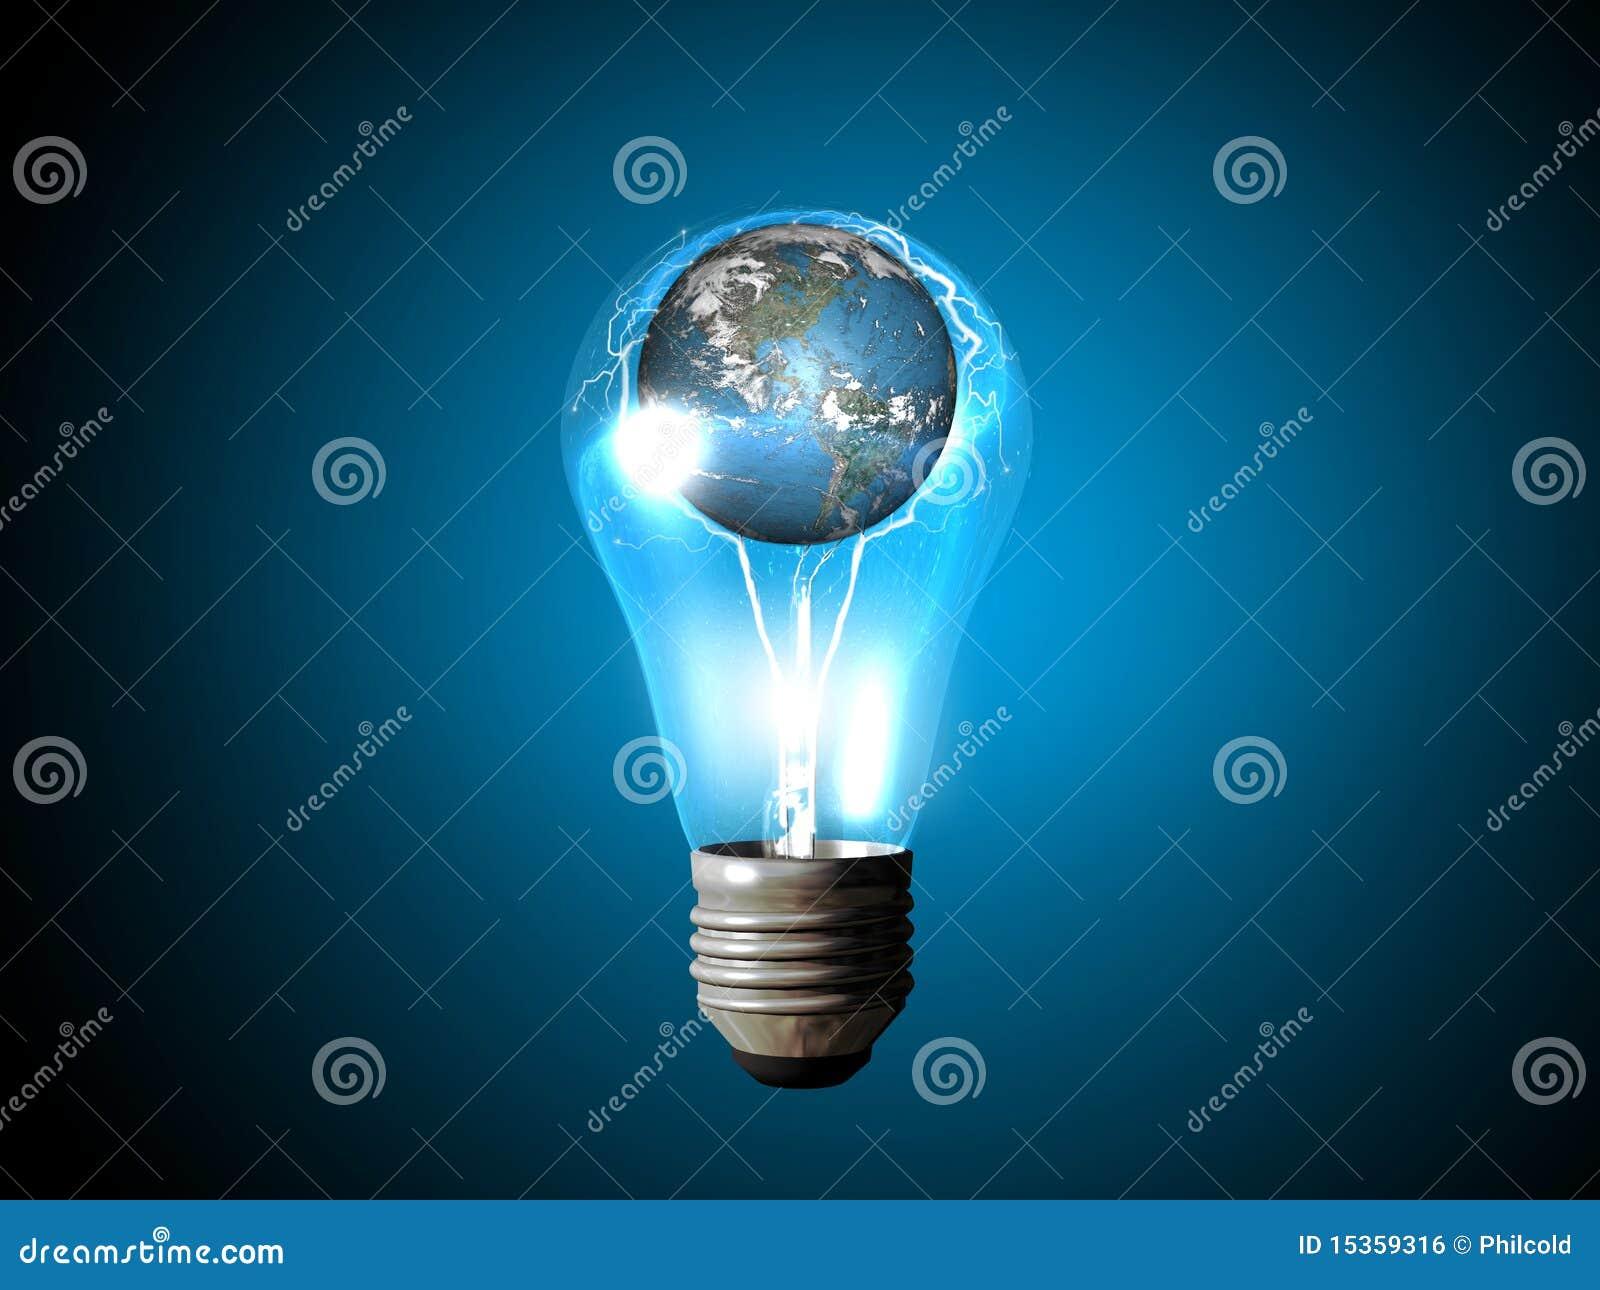 La electricidad enciende el mundo imagen de archivo libre for Electricidad